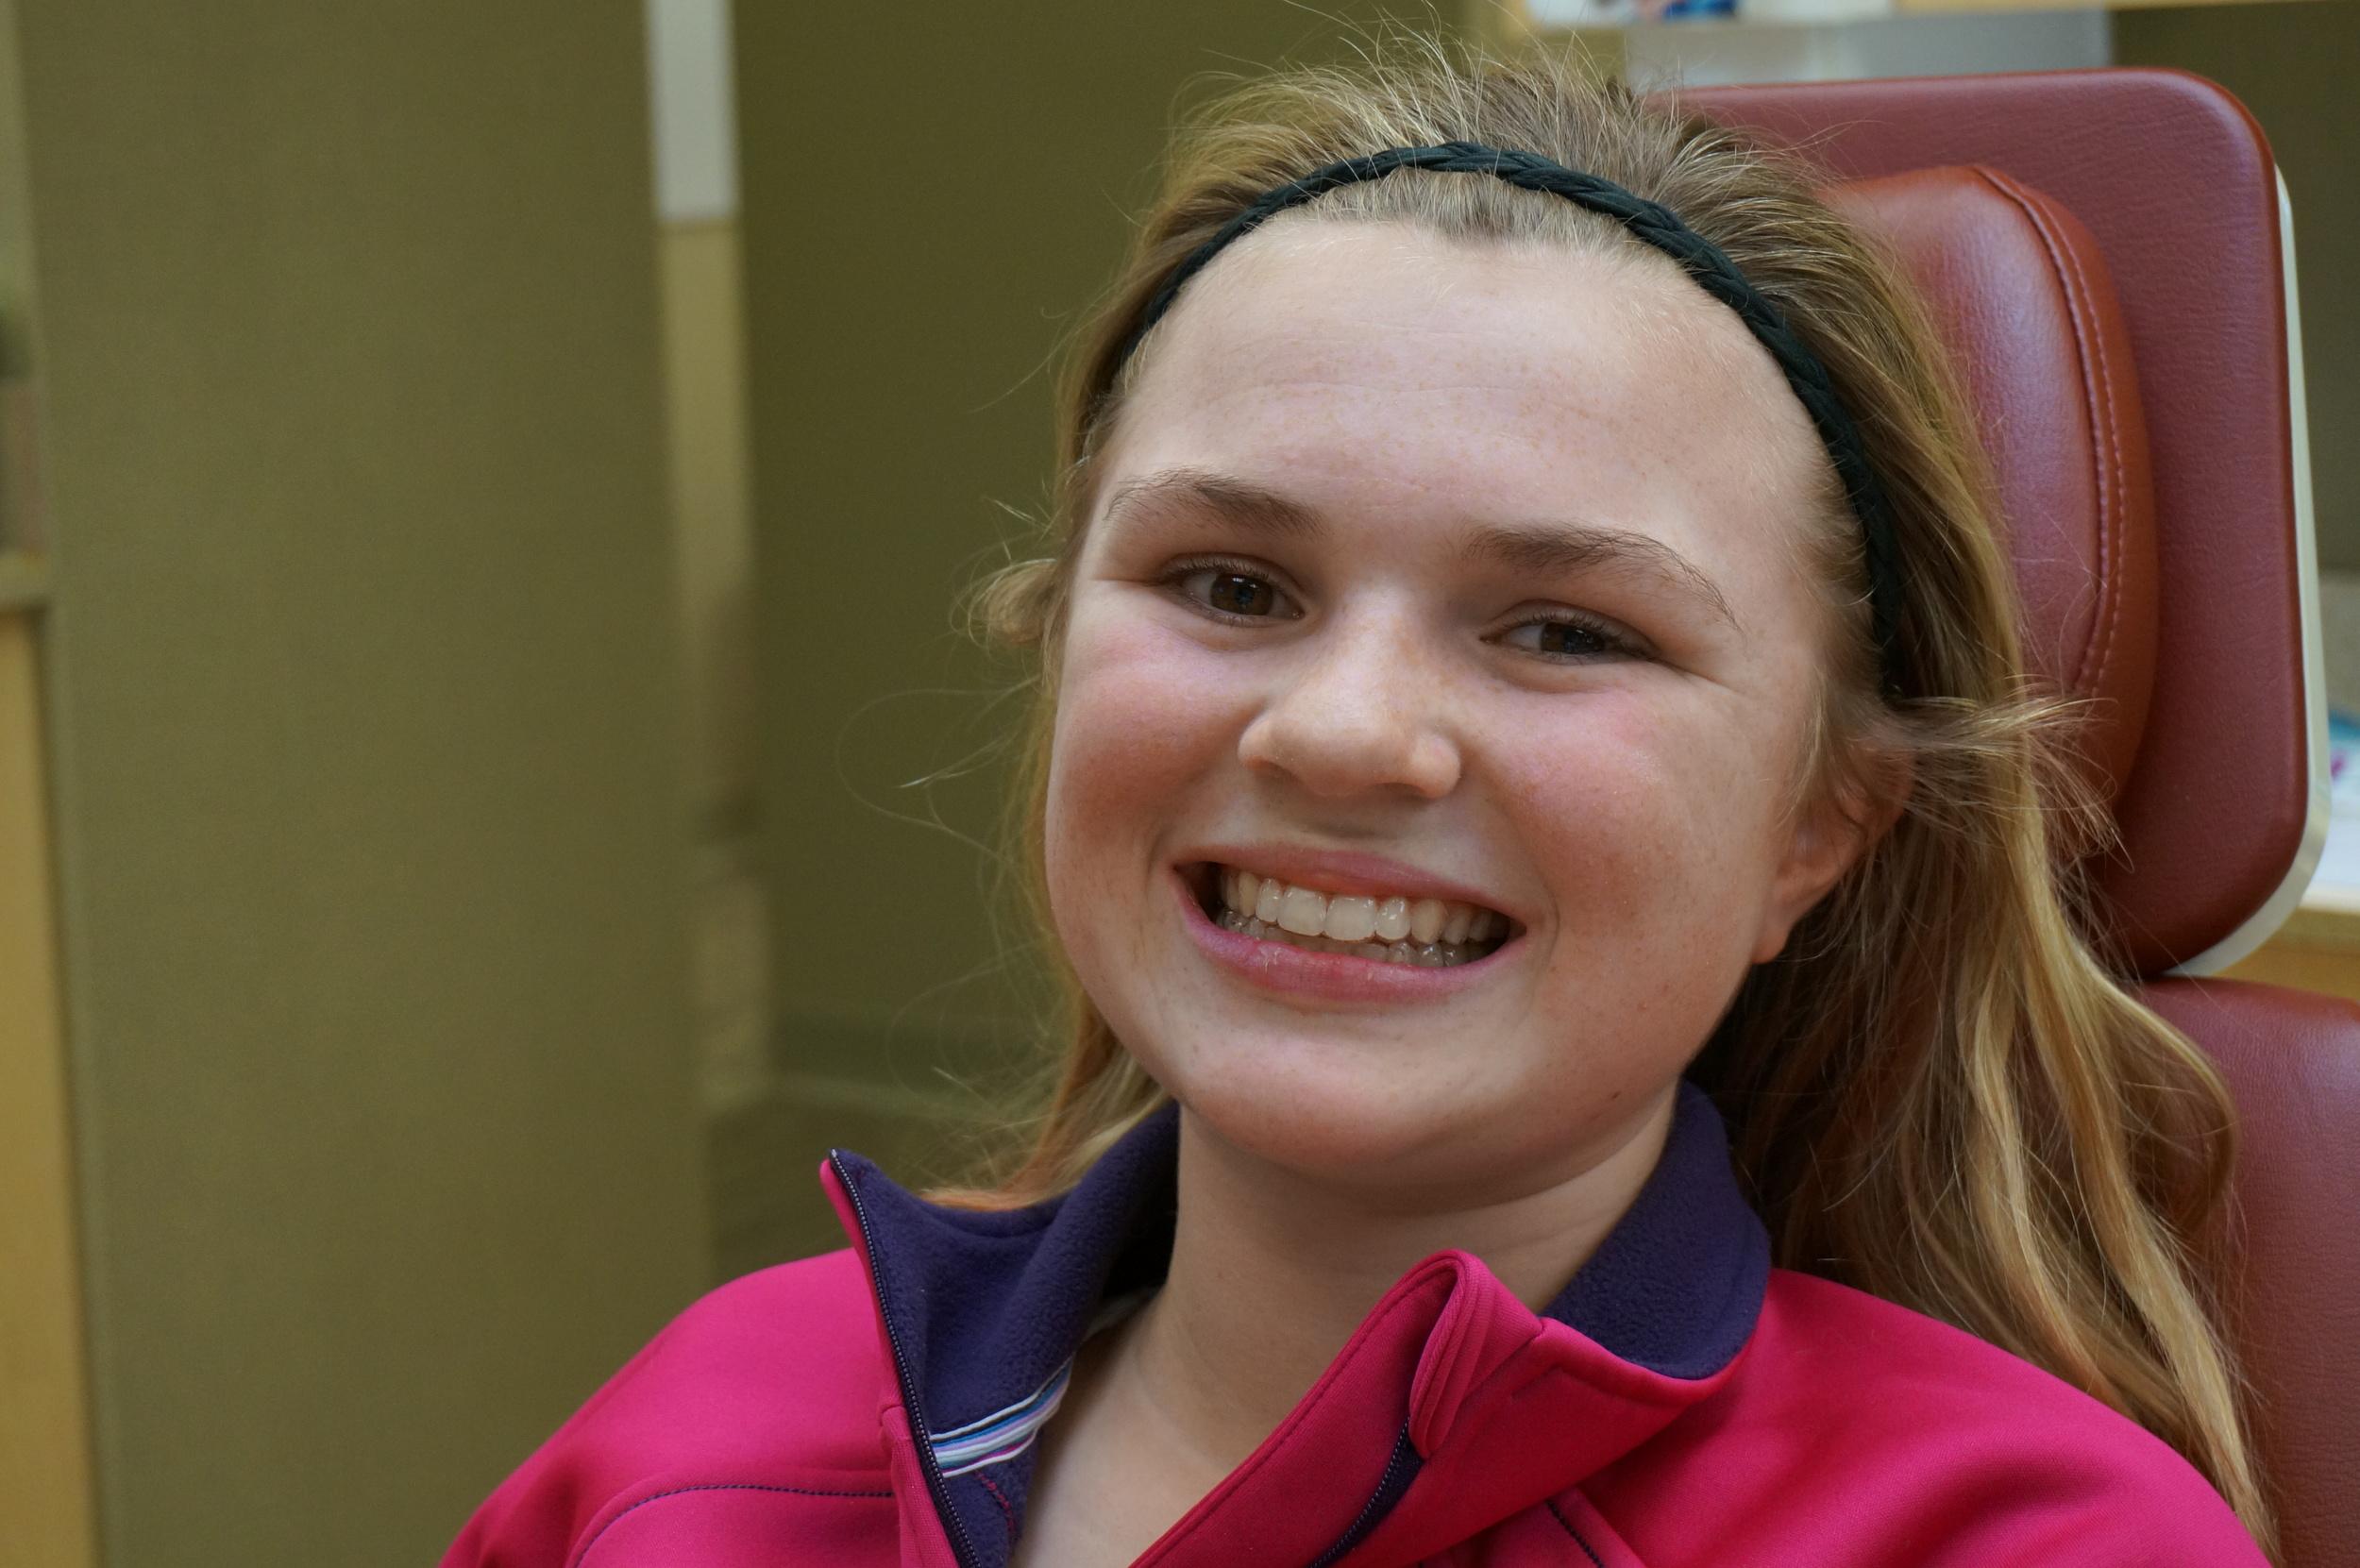 Invisalign Teen patient Karlee wearing her aligners